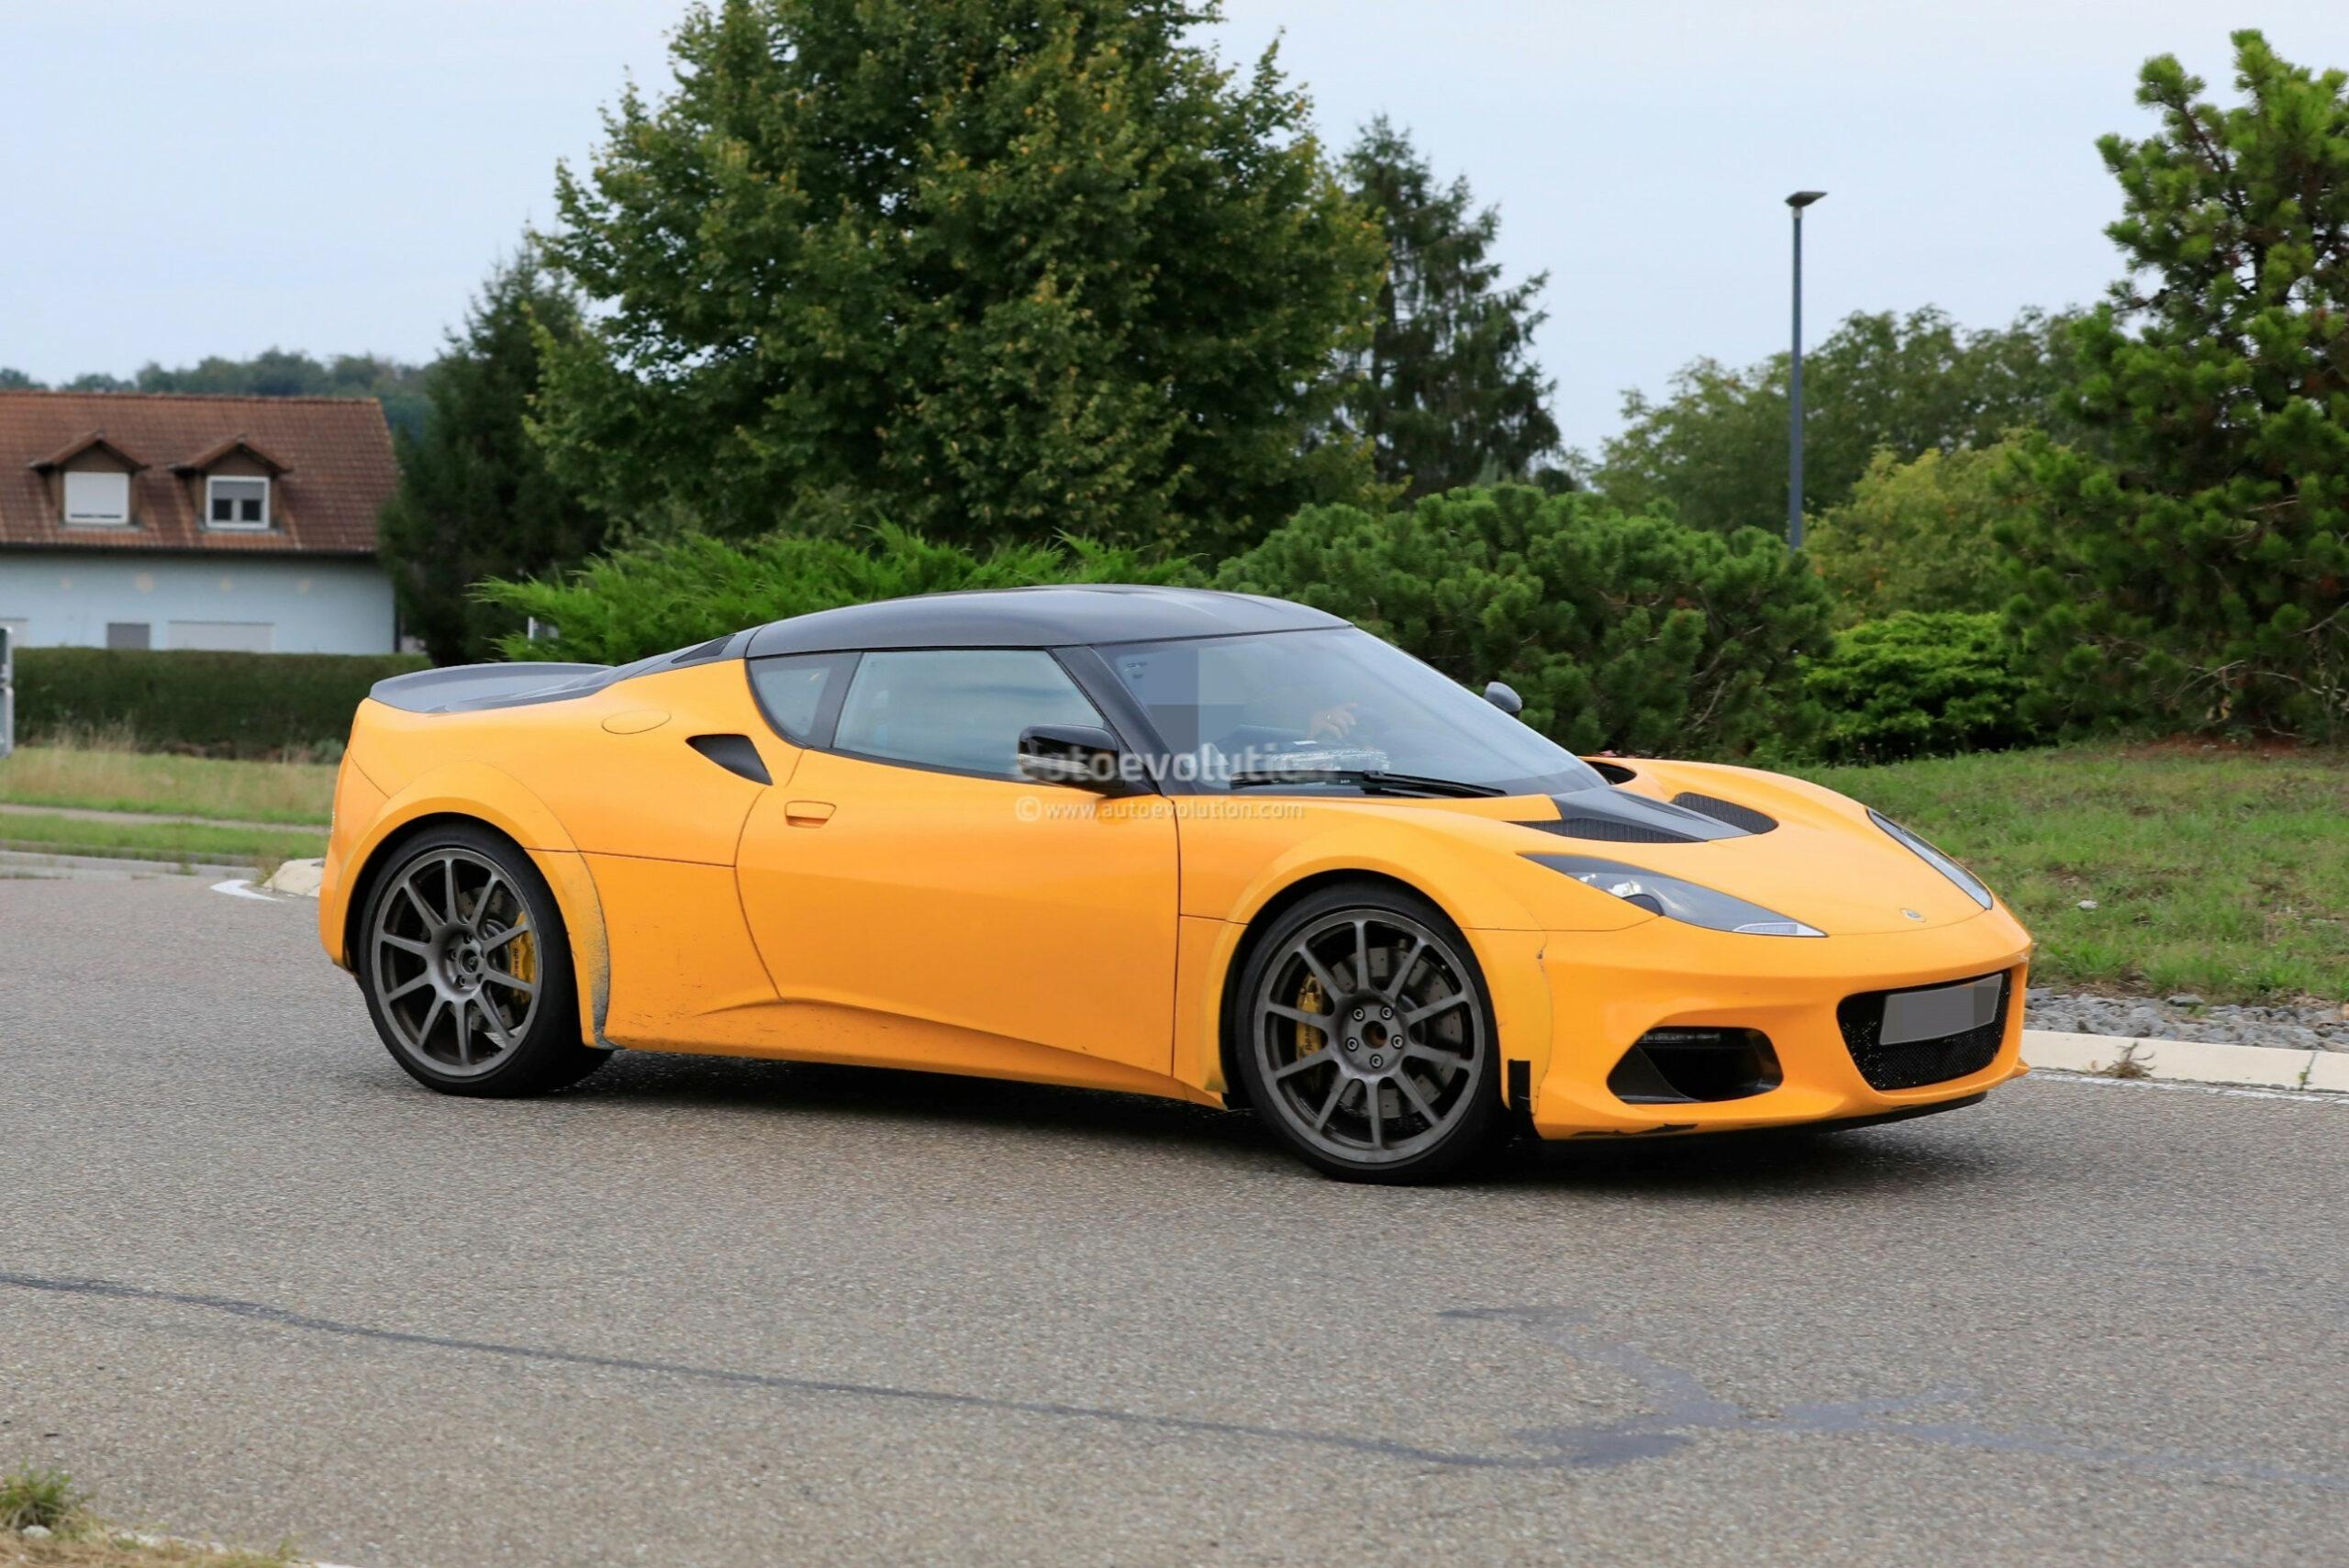 Specs 2022 The Lotus Evora